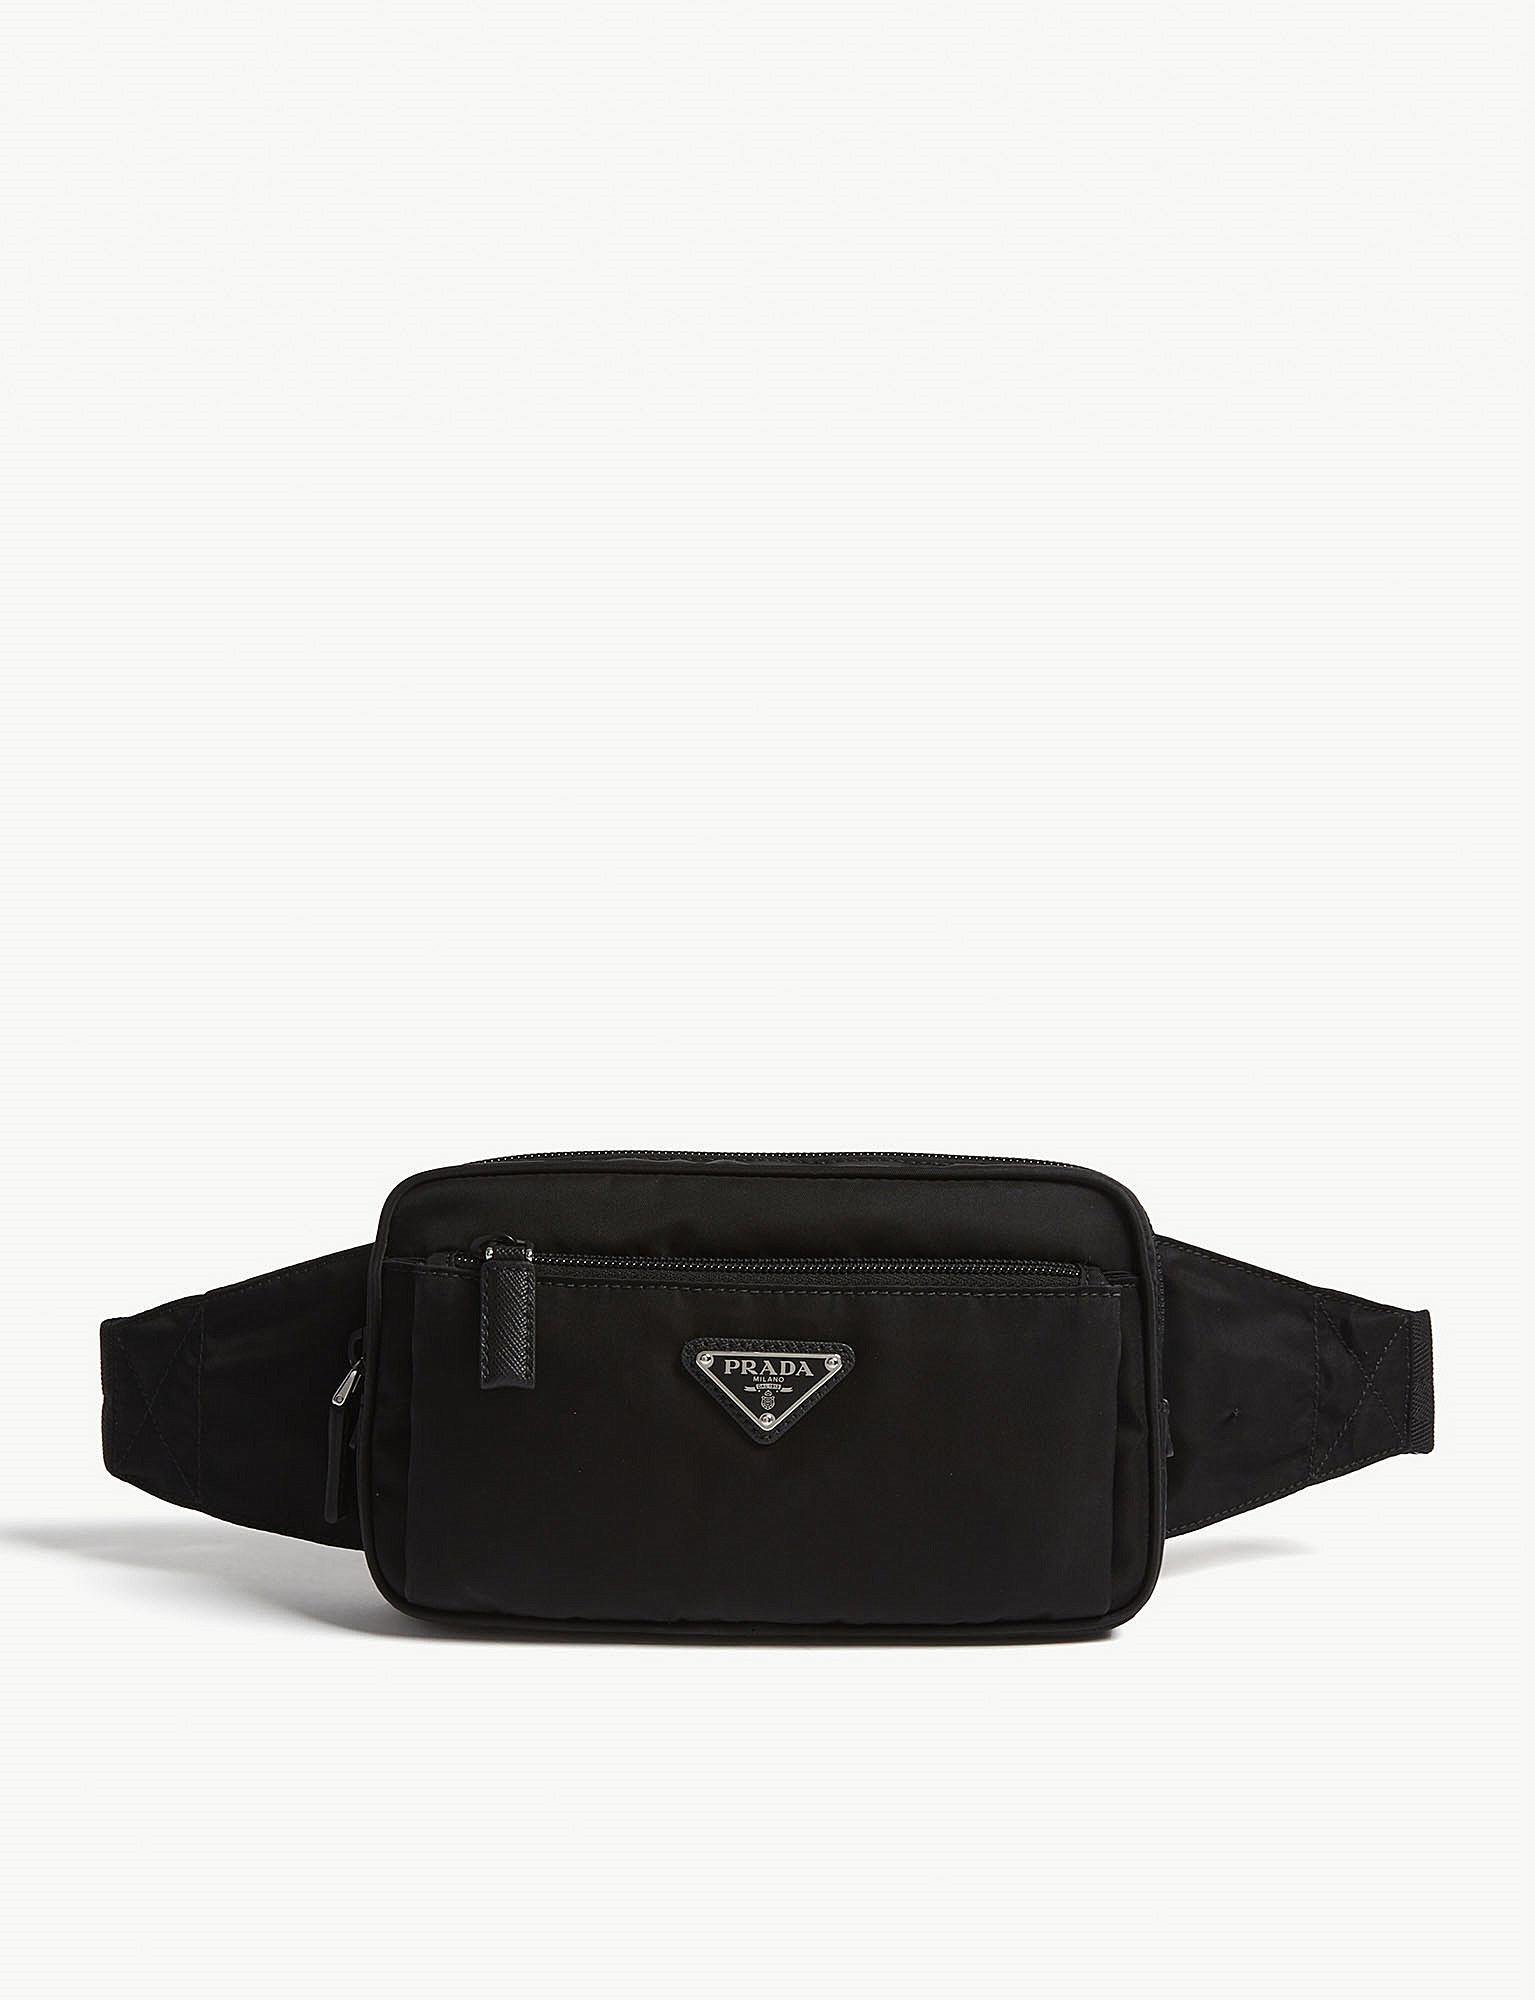 Lyst - Prada Logo Nylon Belt Bag in Black for Men ba9cbdef3b347